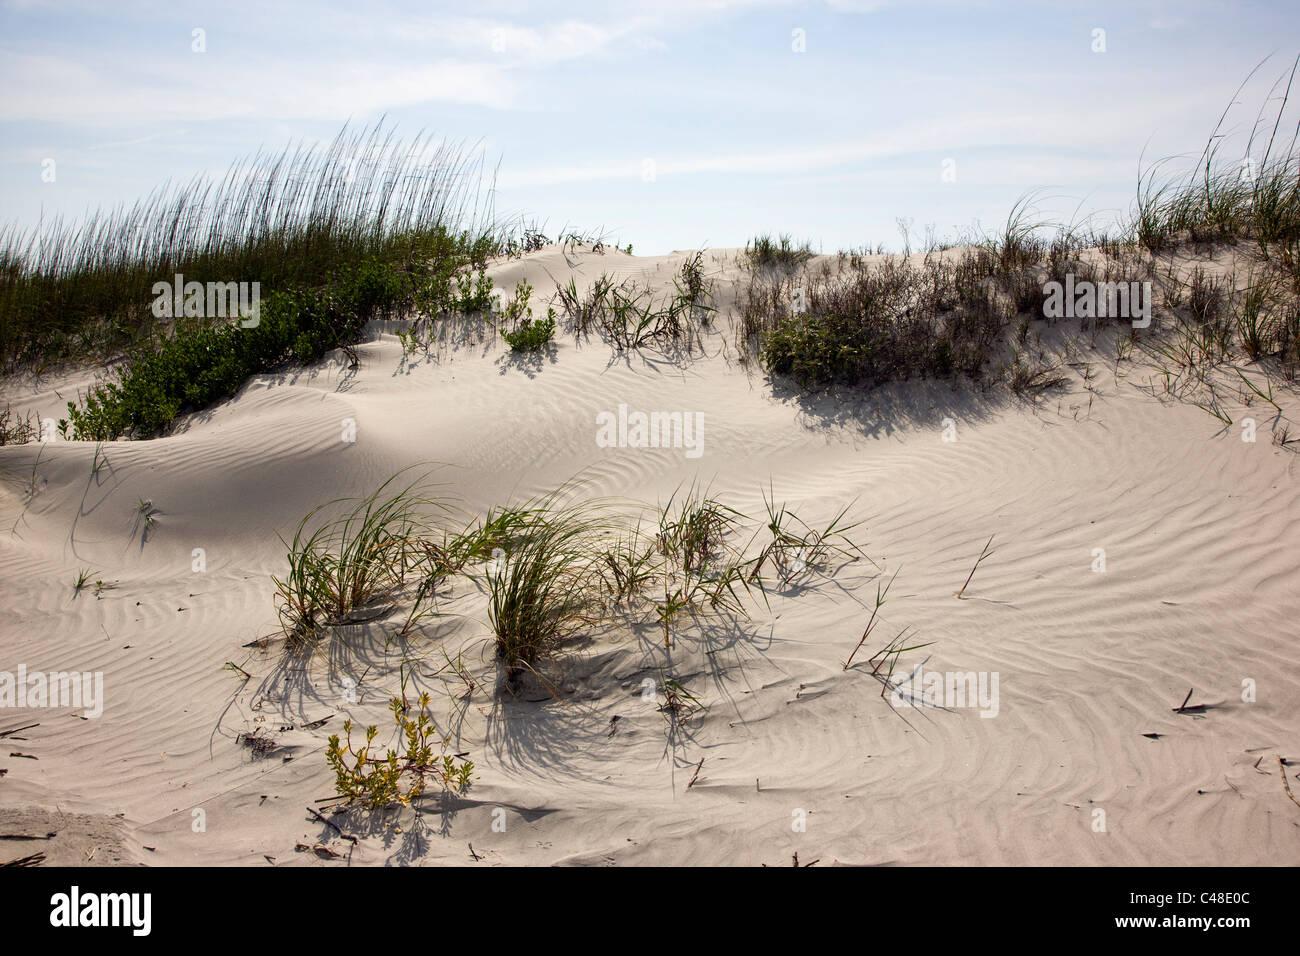 Schönen Sandstrand am Seabrook Island, in der Nähe von Charleston, South Carolina, USA Stockbild